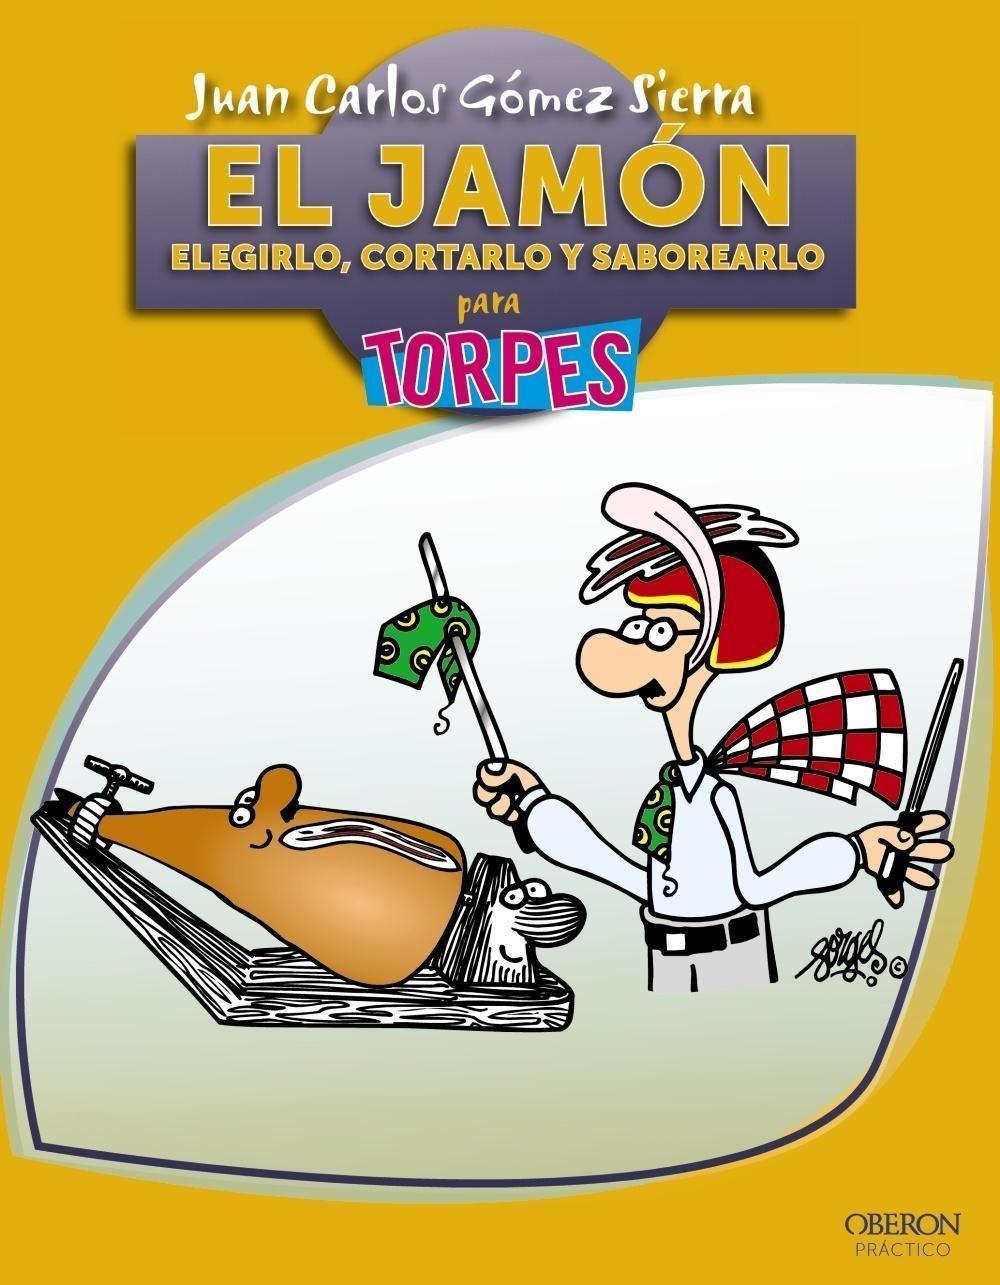 El Jamón para Torpes: elegirlo, cortarlo y saborearlo